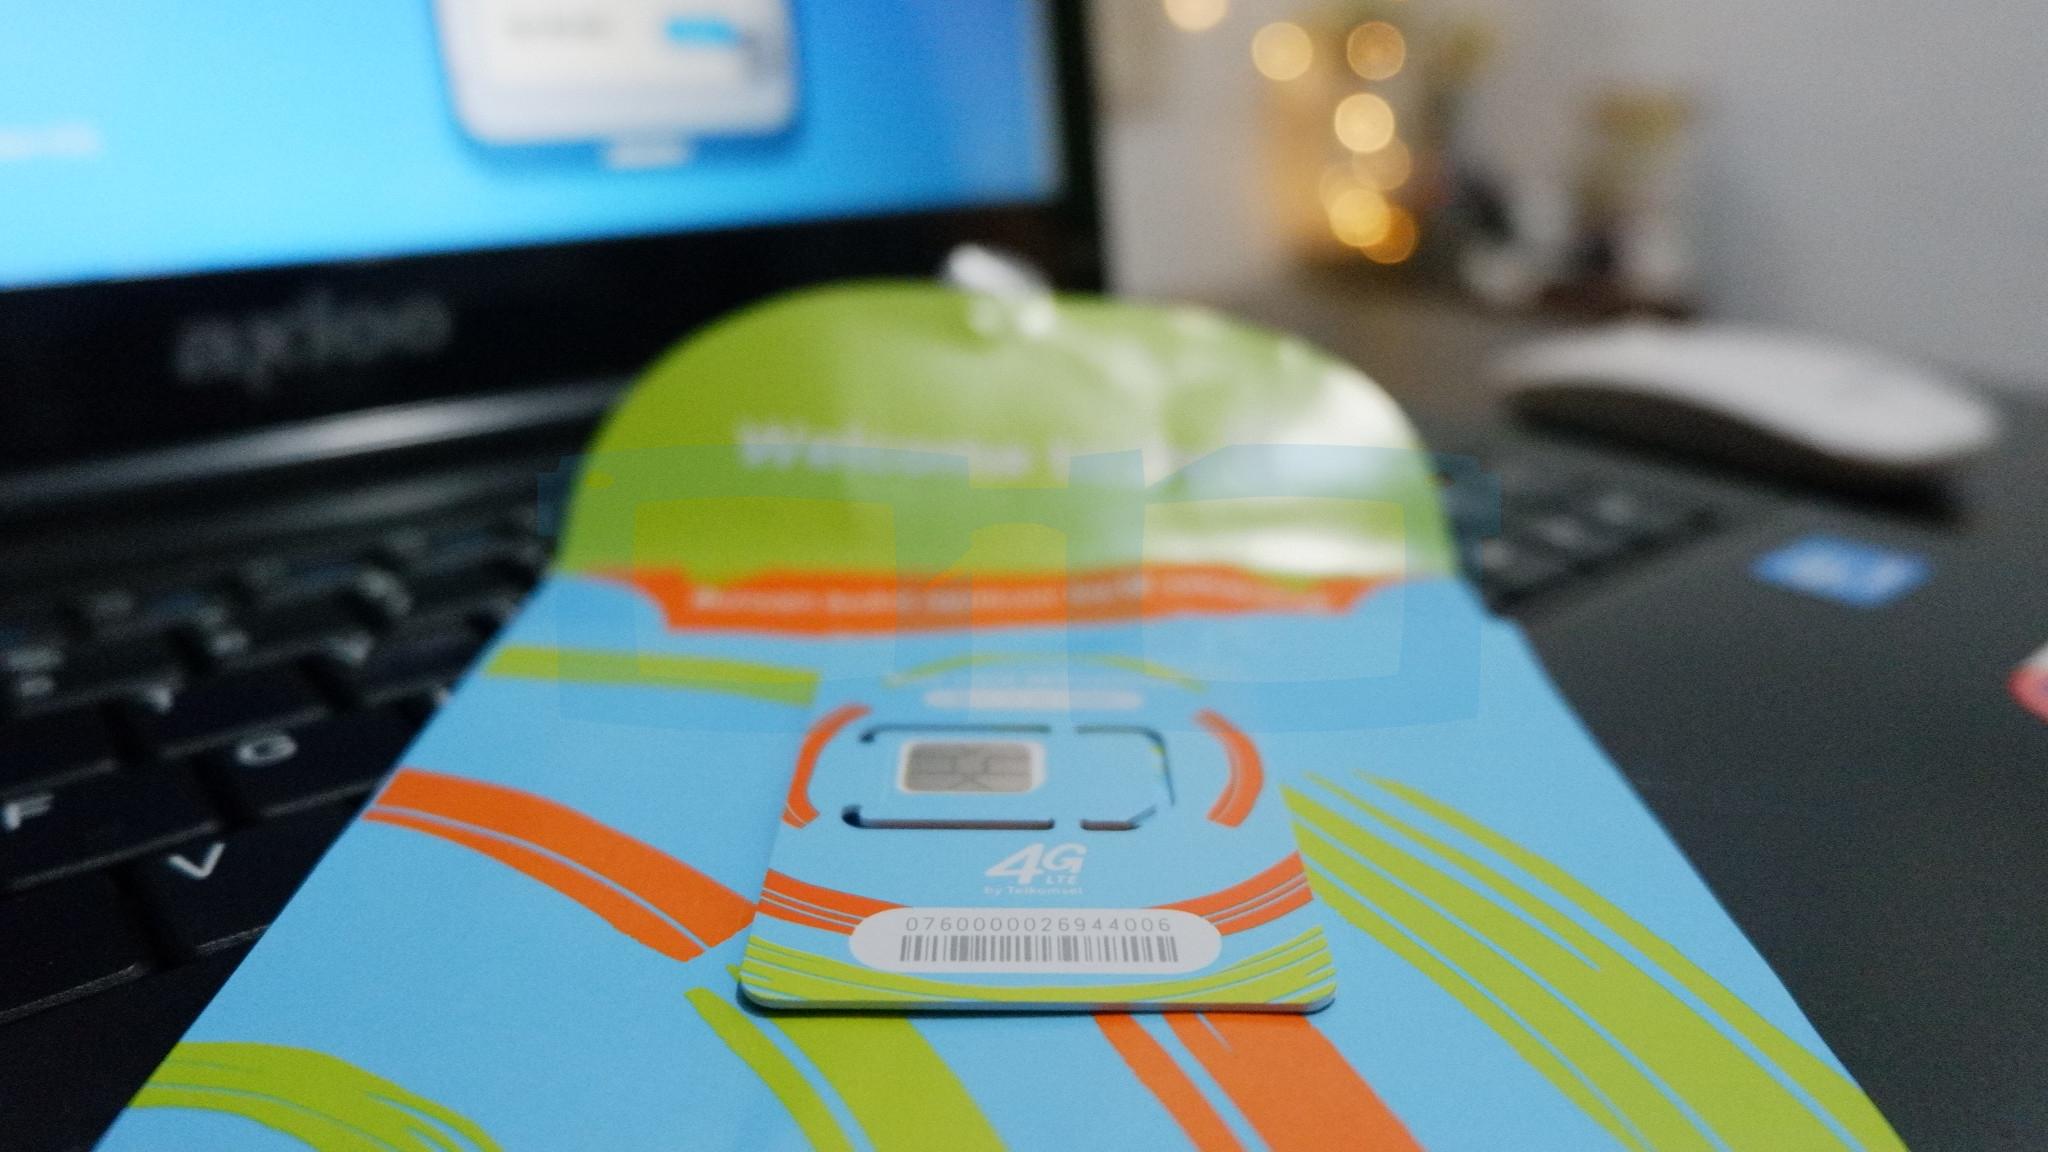 SIM Card By U